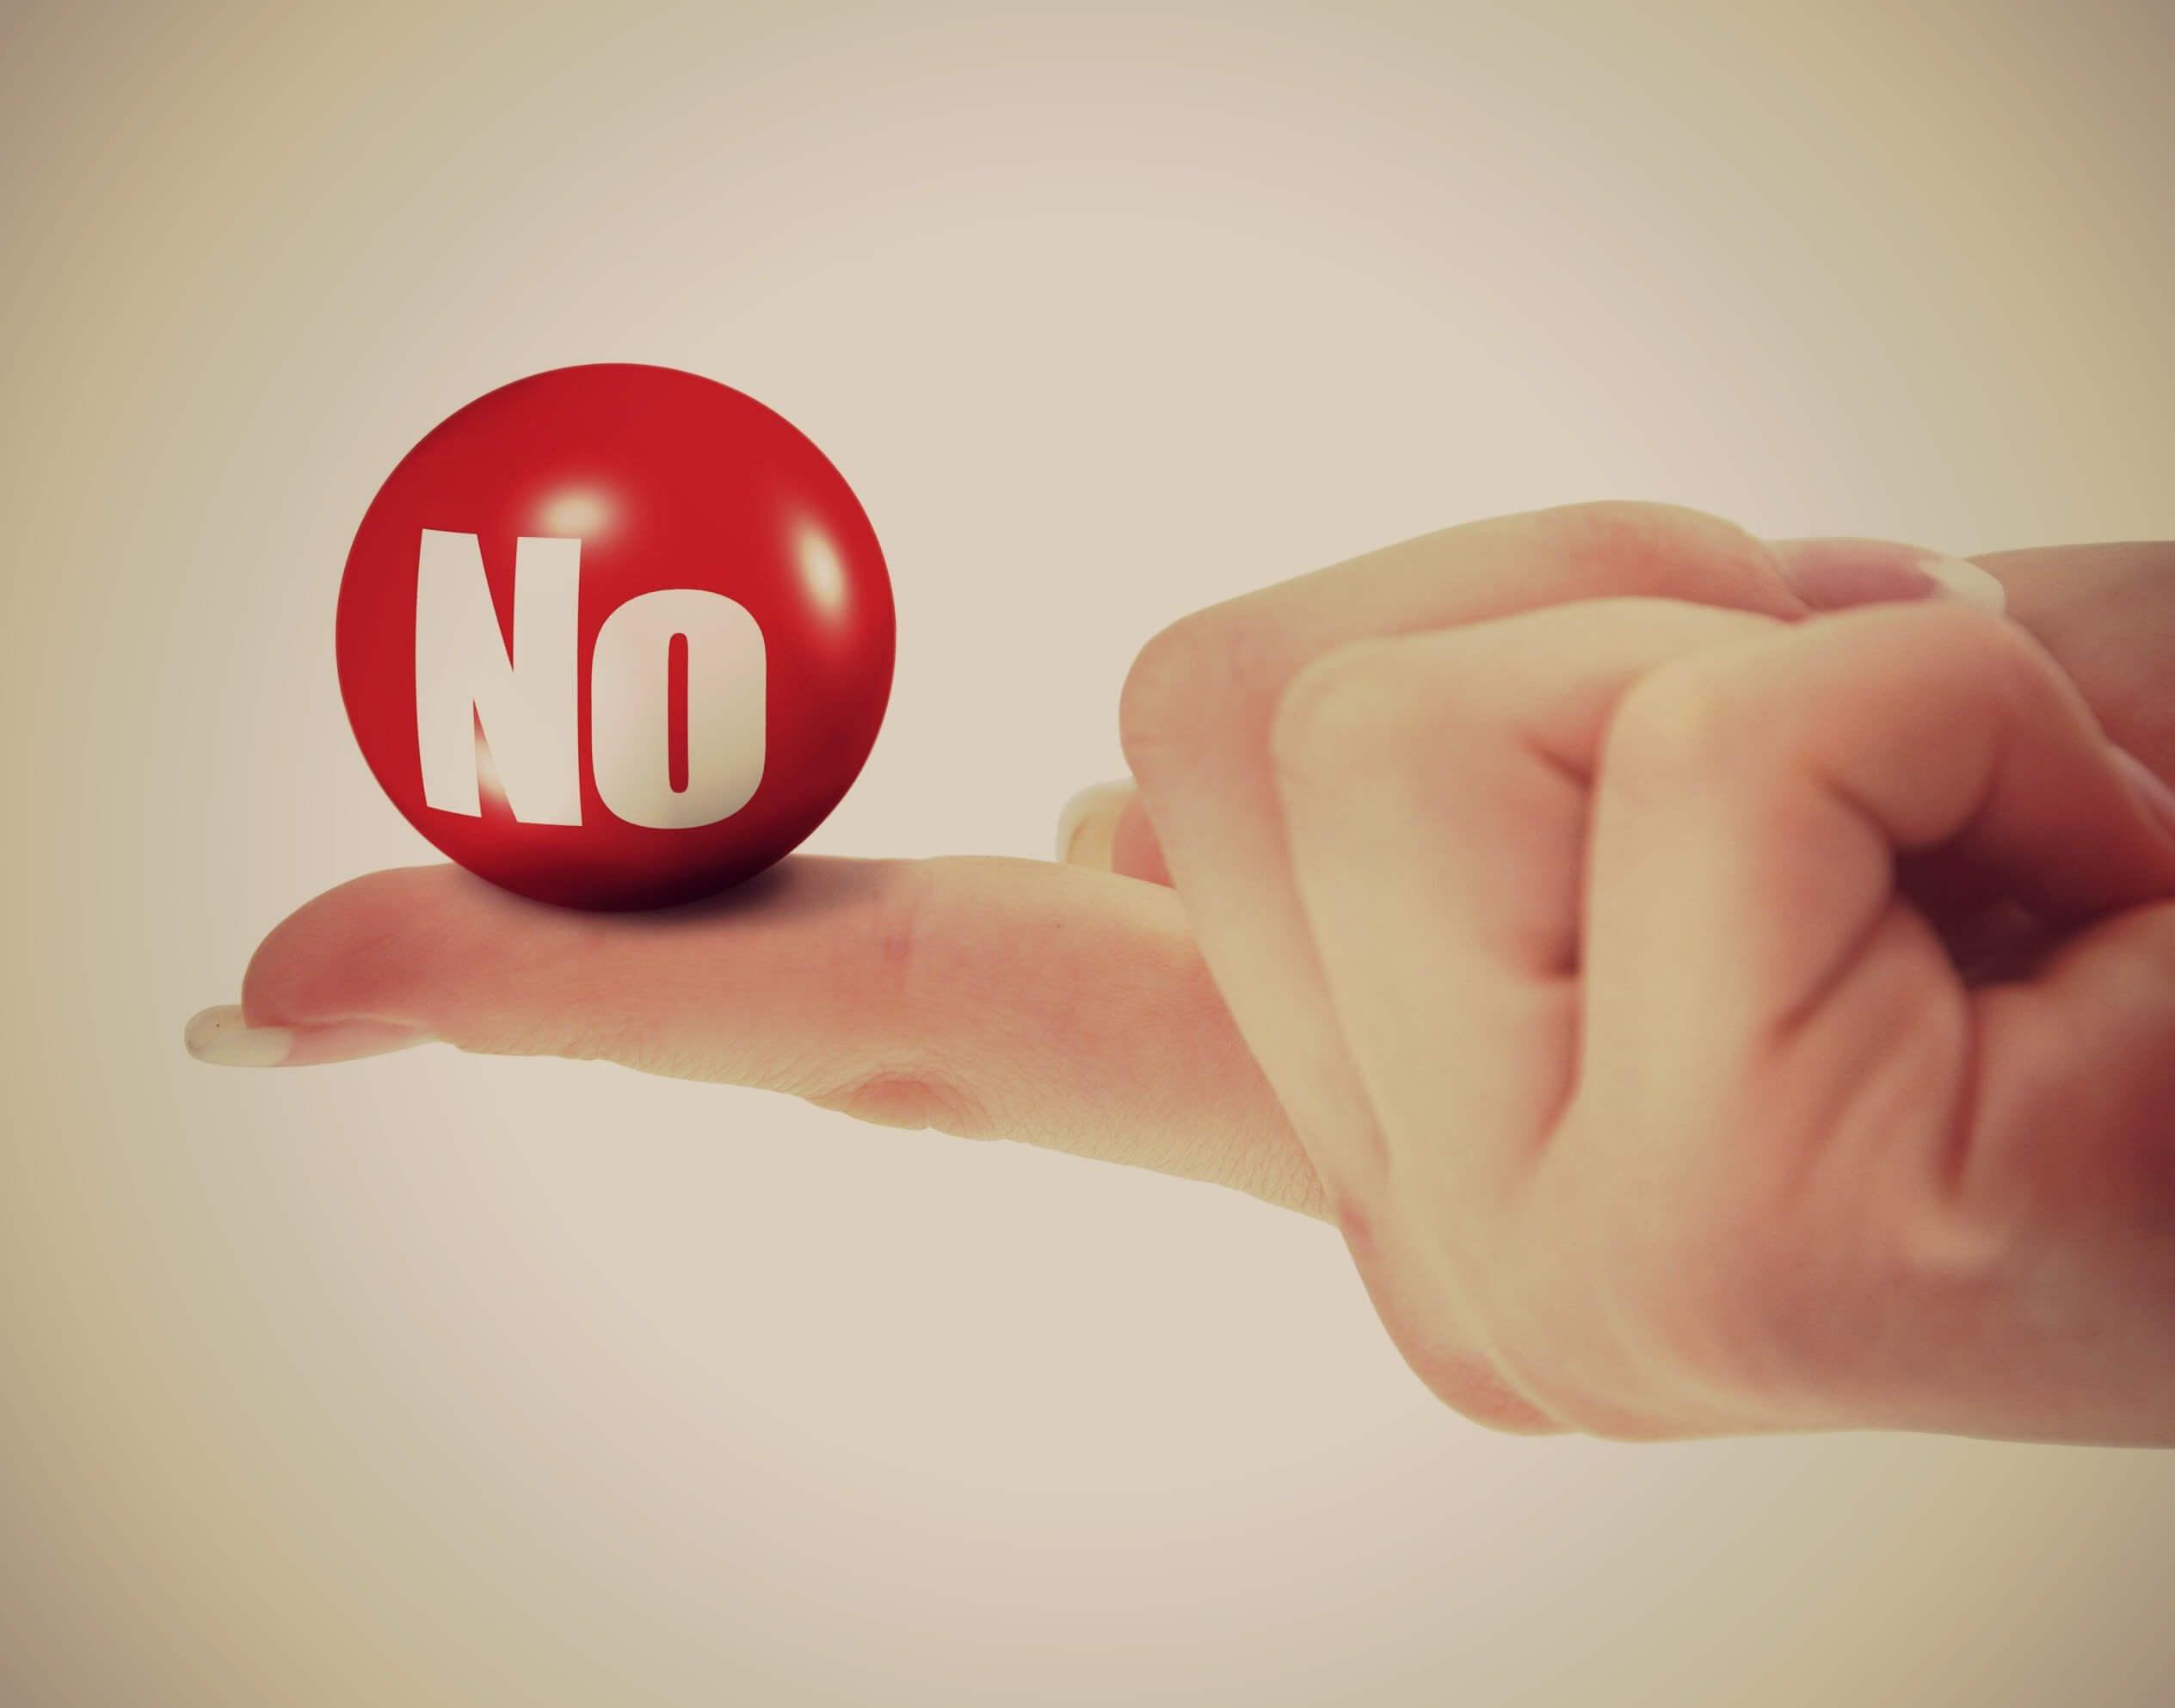 Stick to saying no